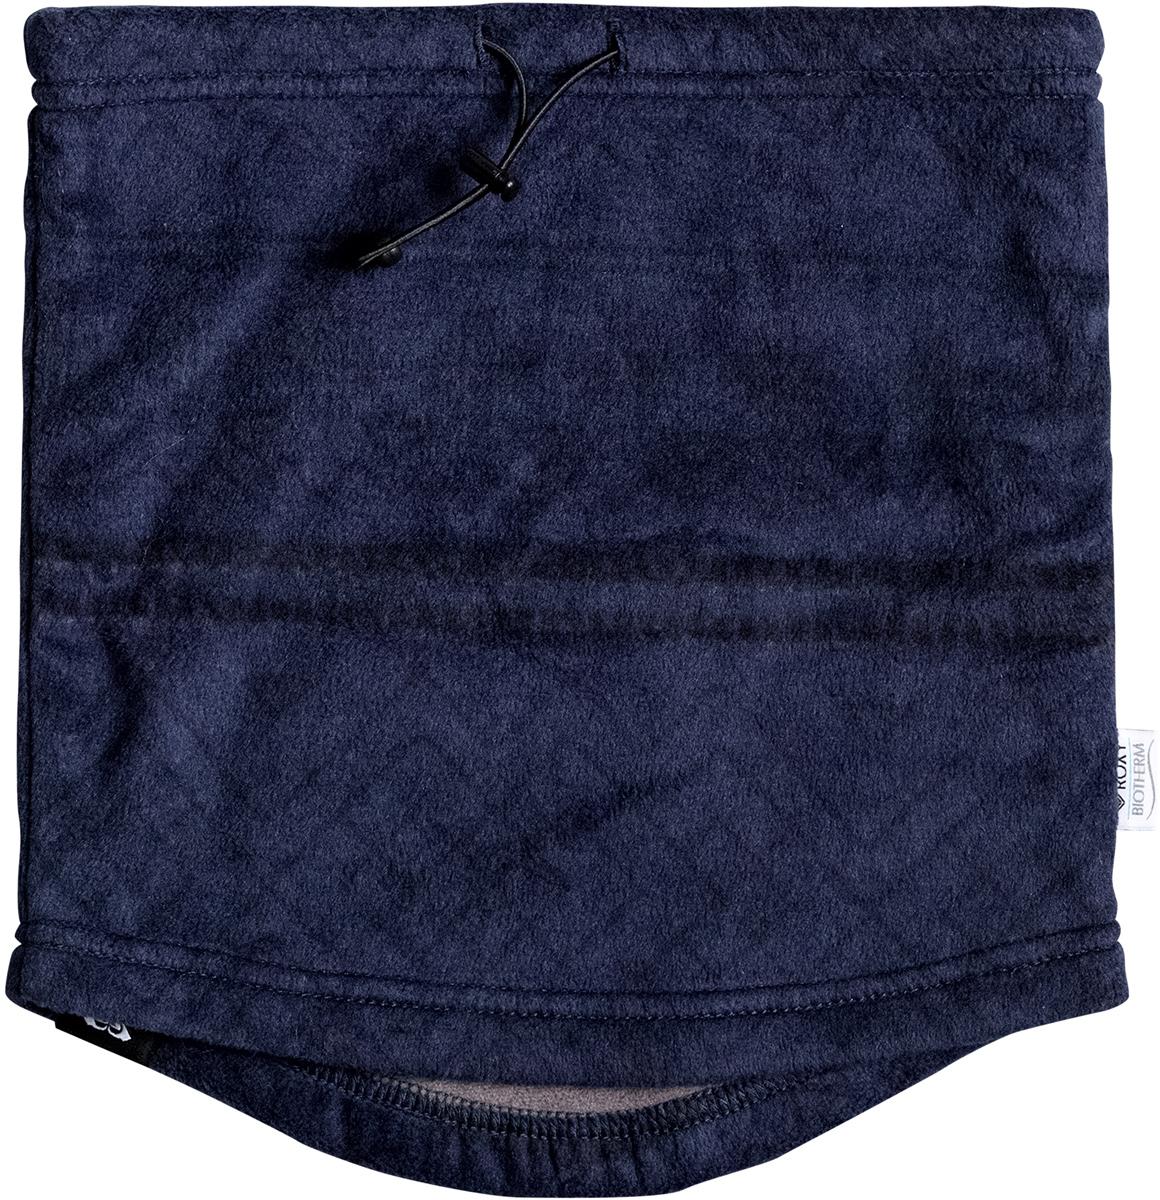 Шарф женский Roxy Cascade, цвет: темно-синий. ERJAA03295-BTN8. Размер универсальныйERJAA03295-BTN8Эргономичный женский снуд Roxy Cascade не позволит вам замерзнуть в холодное время года. Изделие выполнено из высококачественного полиэстера с подкладкой из косметотекстиля Enjoy & Care. Шарф на утяжке оформлен оригинальным узором и фирменной нашивкой.